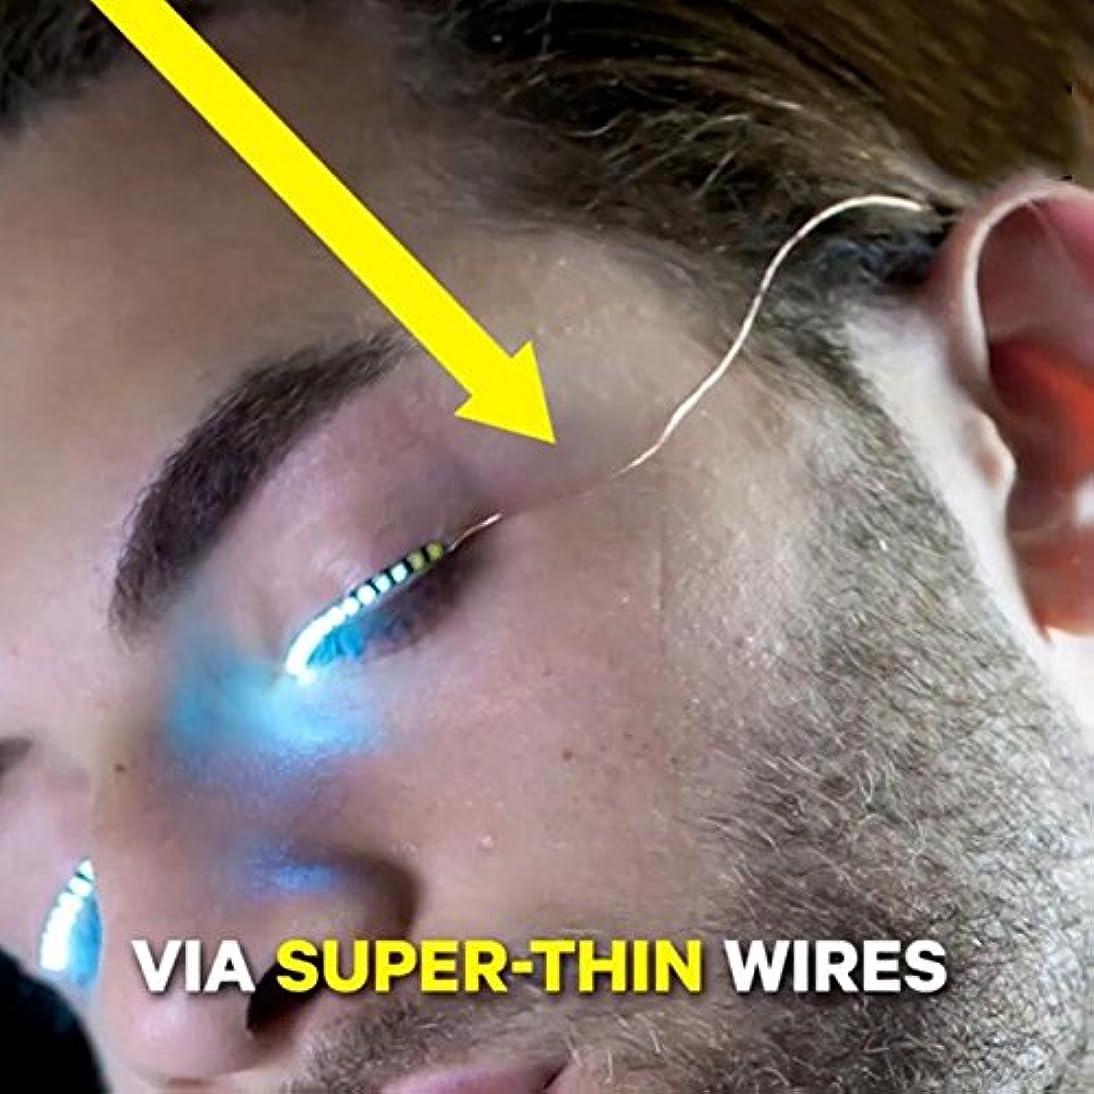 報告書気づかないピストルHongch 2PCSつけまつげは、ルミナスのLED 毎日のためのファッションのプロフェッショナル 防水輝きます メイクアップツール